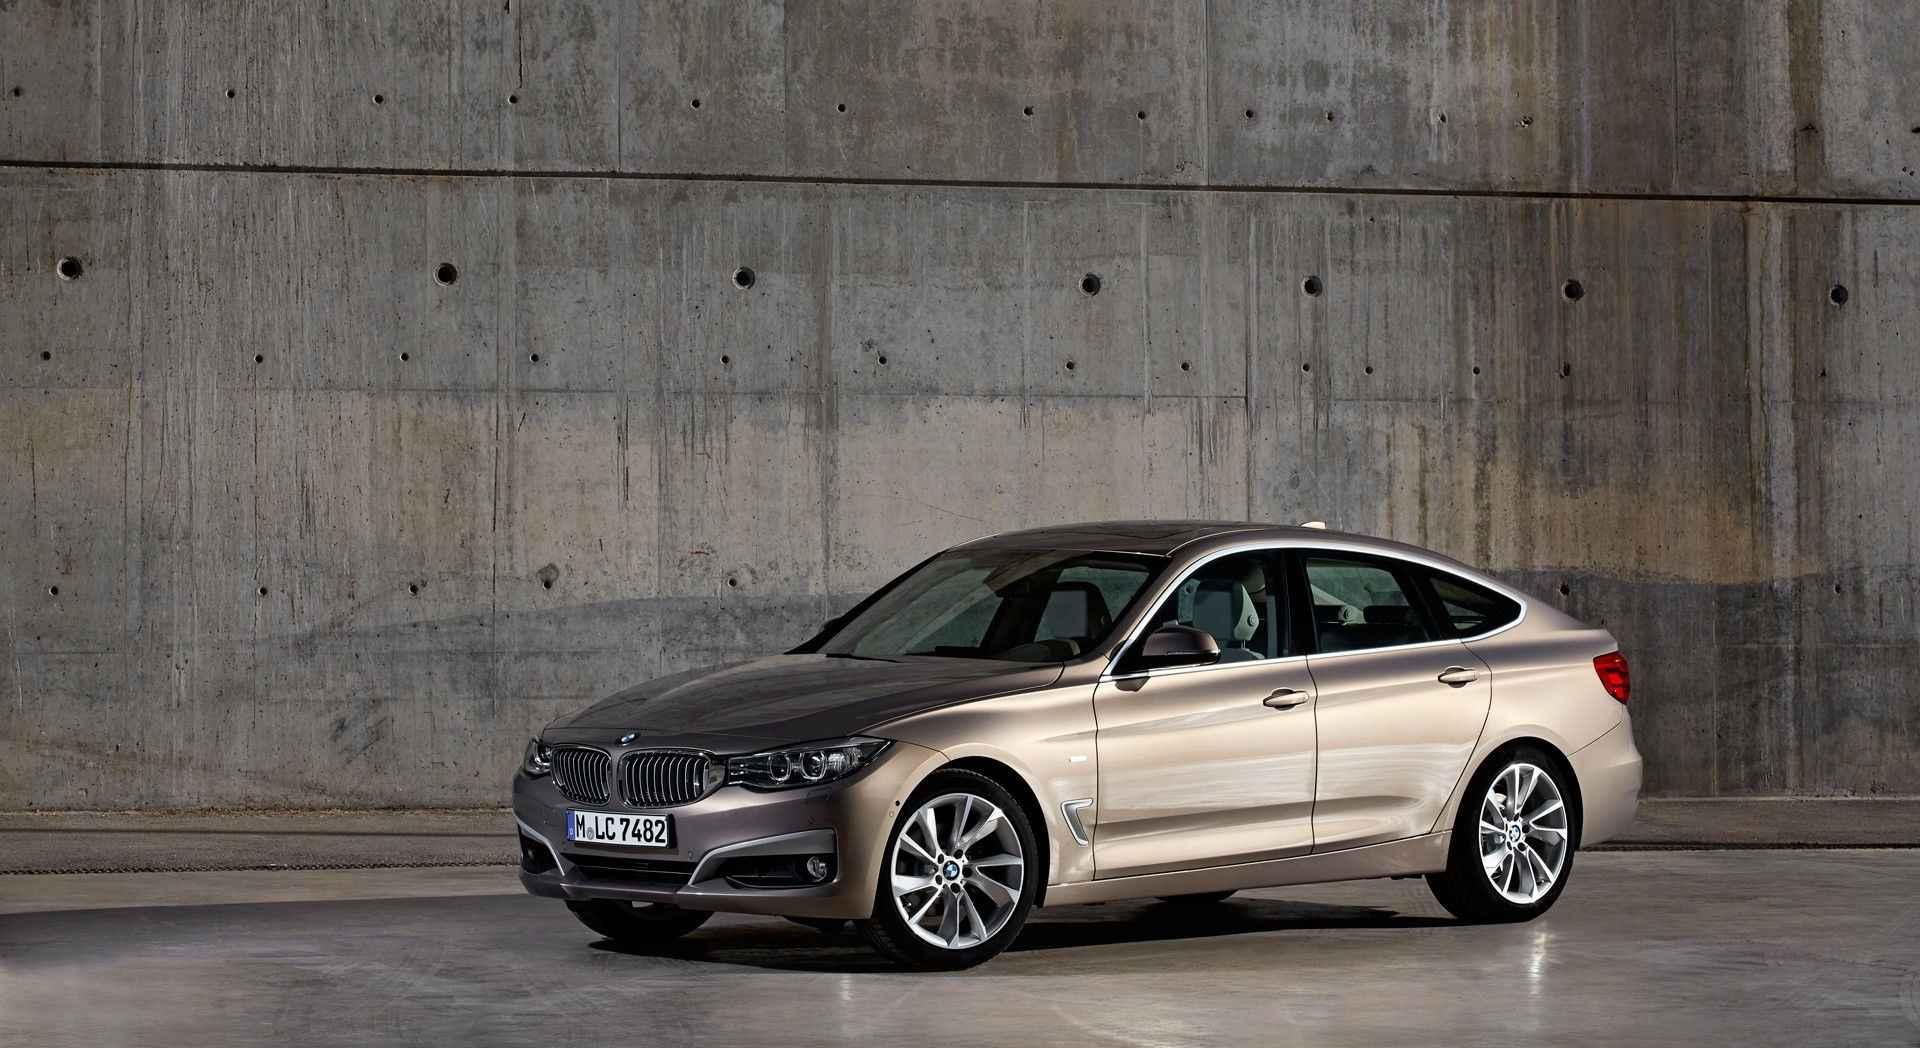 BMW 3 Series Wallpaper 003